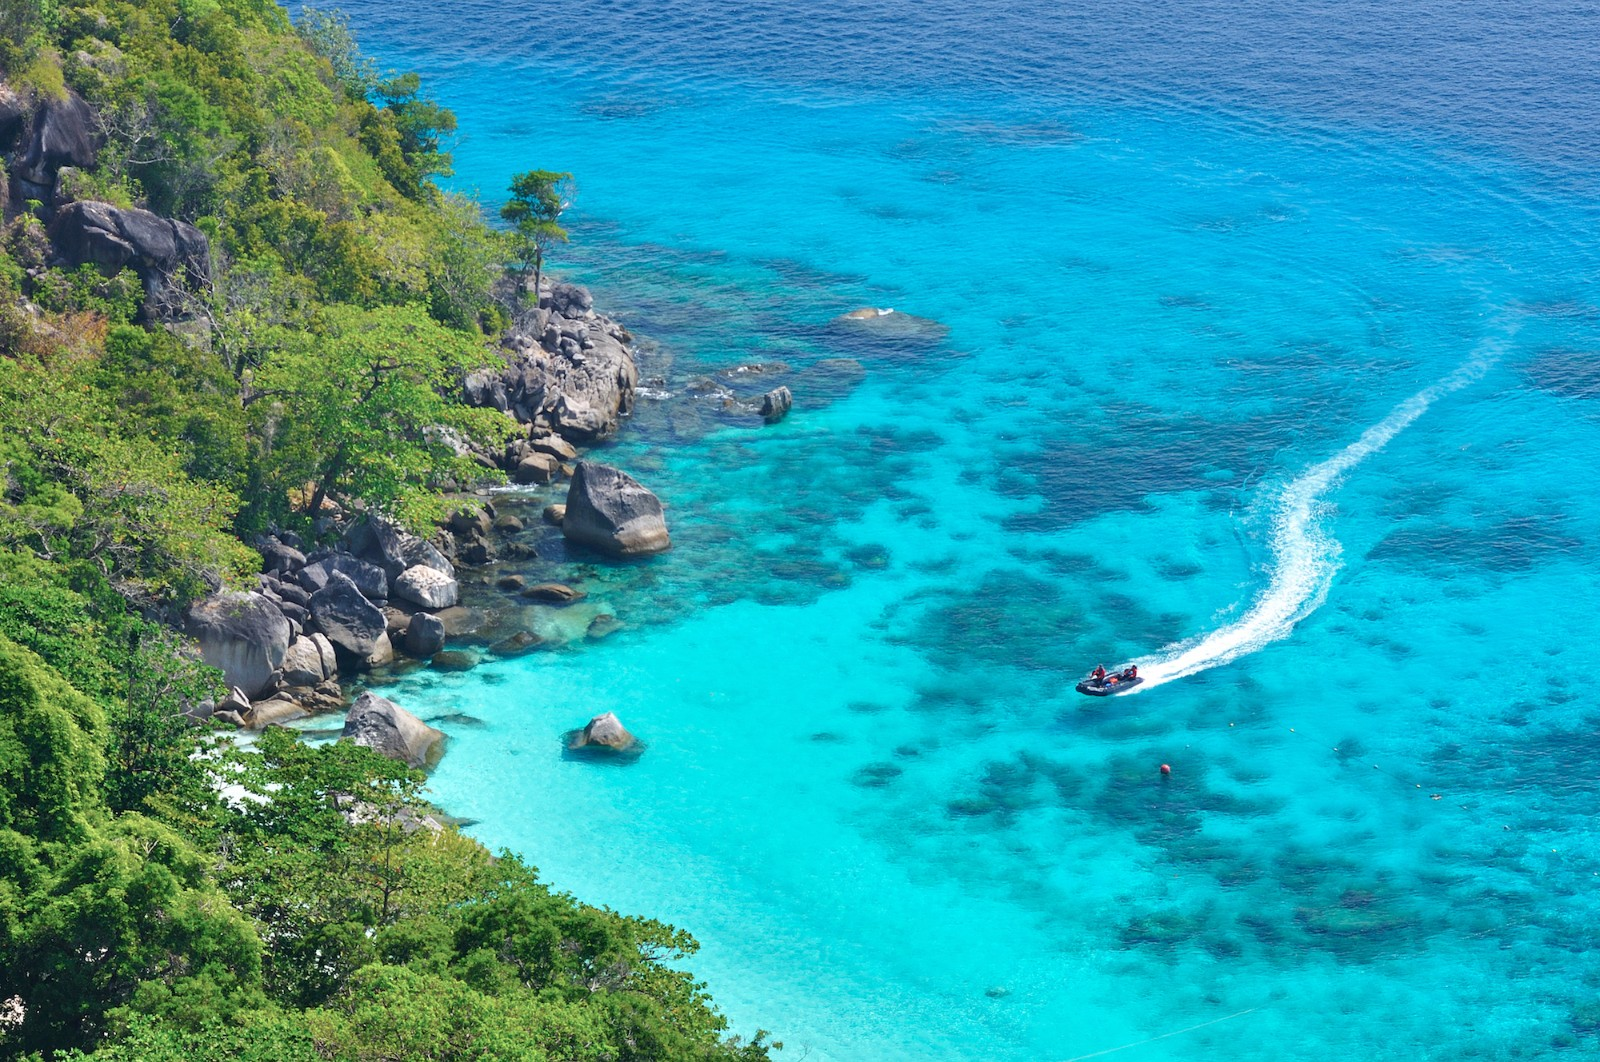 丹老群岛景色有多好看?在哪里潜水比较好?